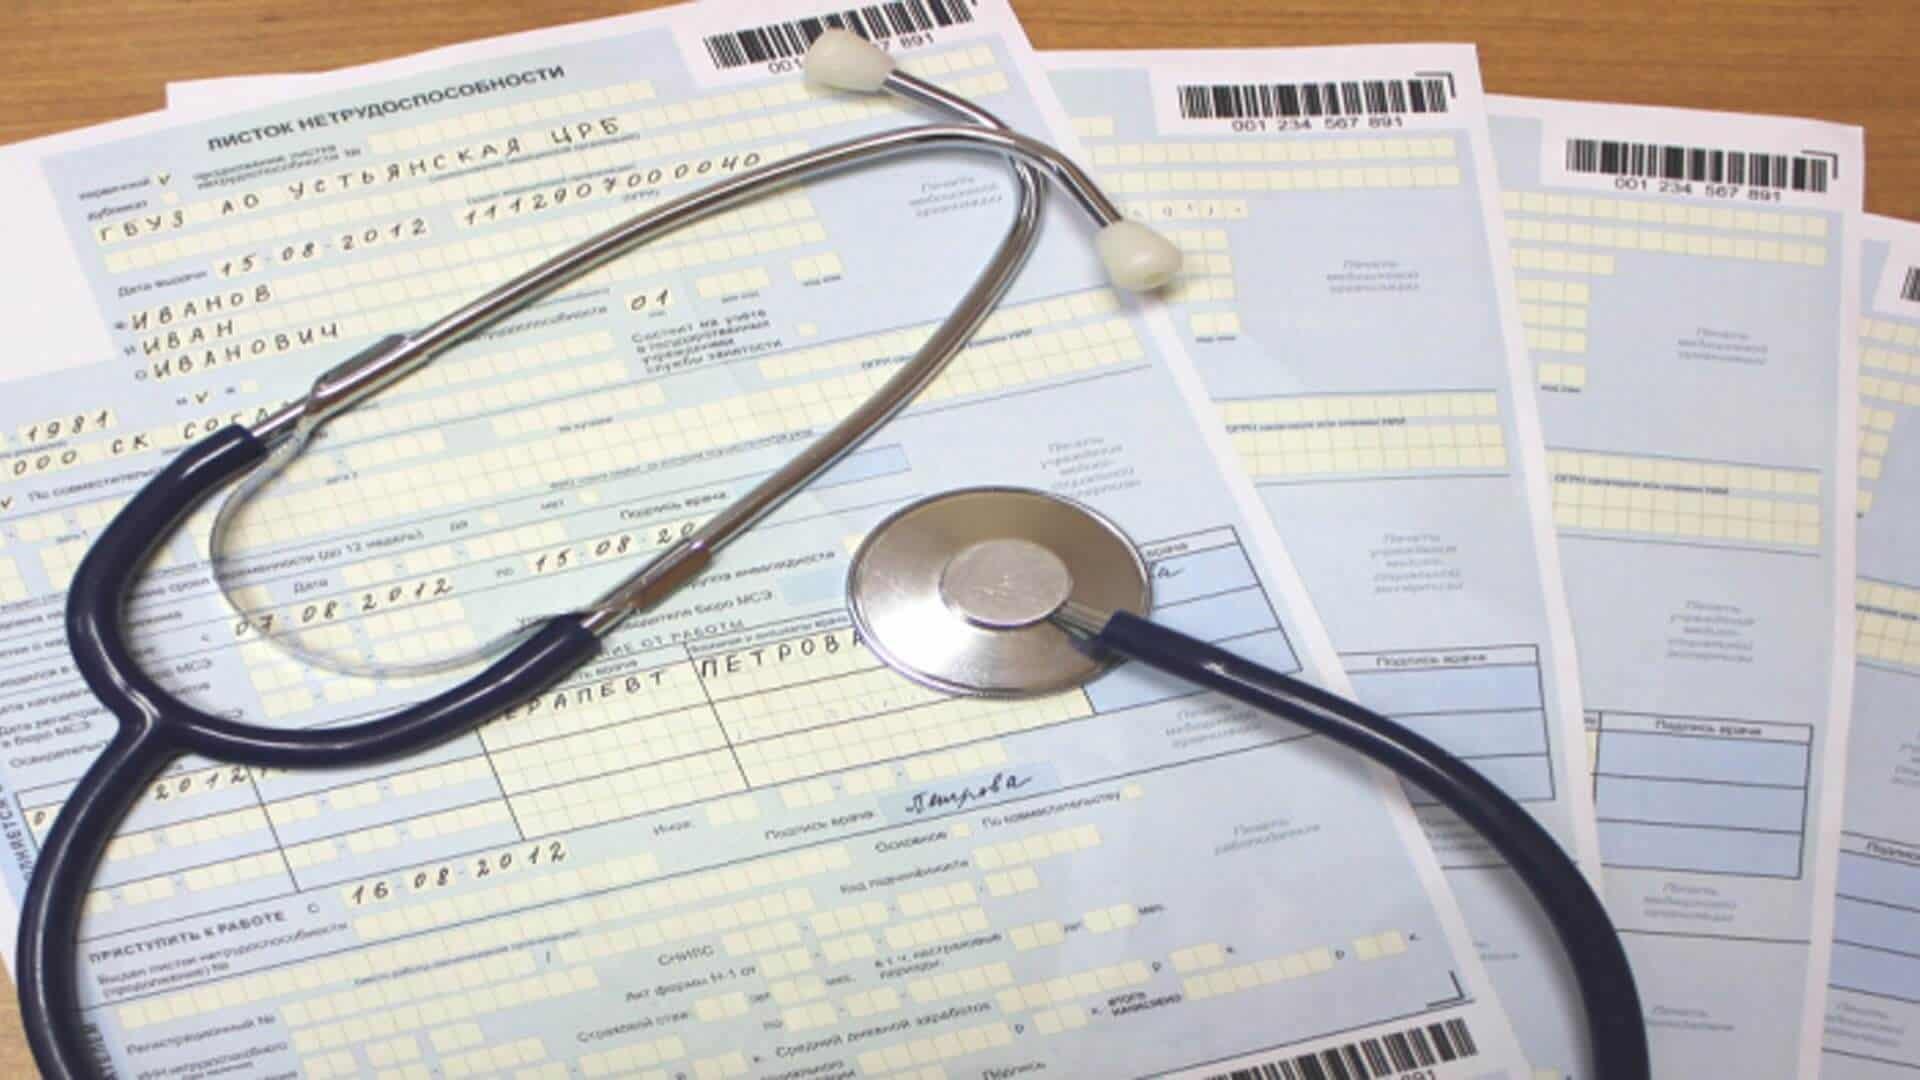 """Код 31 в больничном листе: что означает этот шифр в графе """"Иное"""" бюллетеня нетрудоспособности, когда приступить к работе и как оплачивается документ?"""